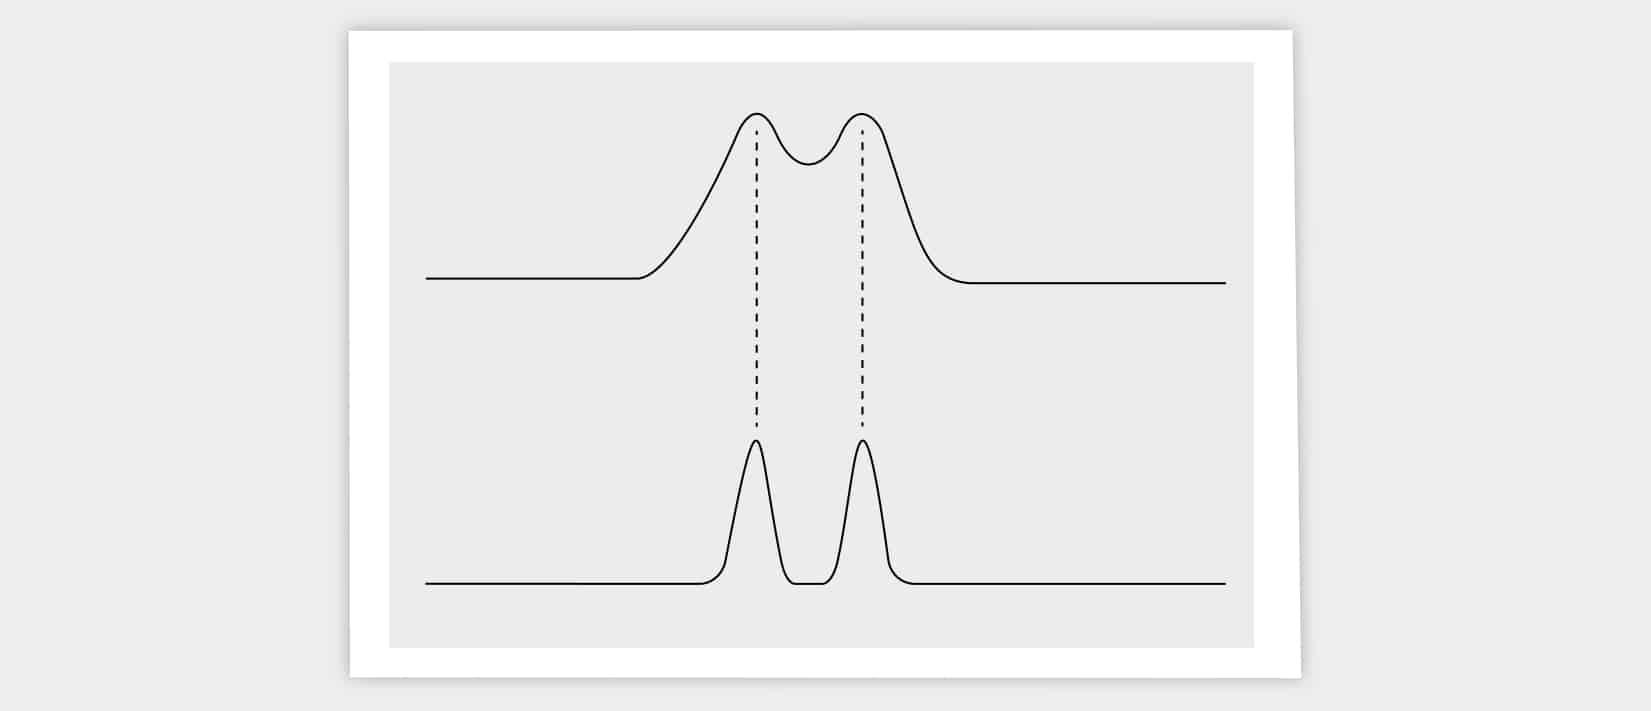 peak broadening, resolution, column efficiency, flow rate